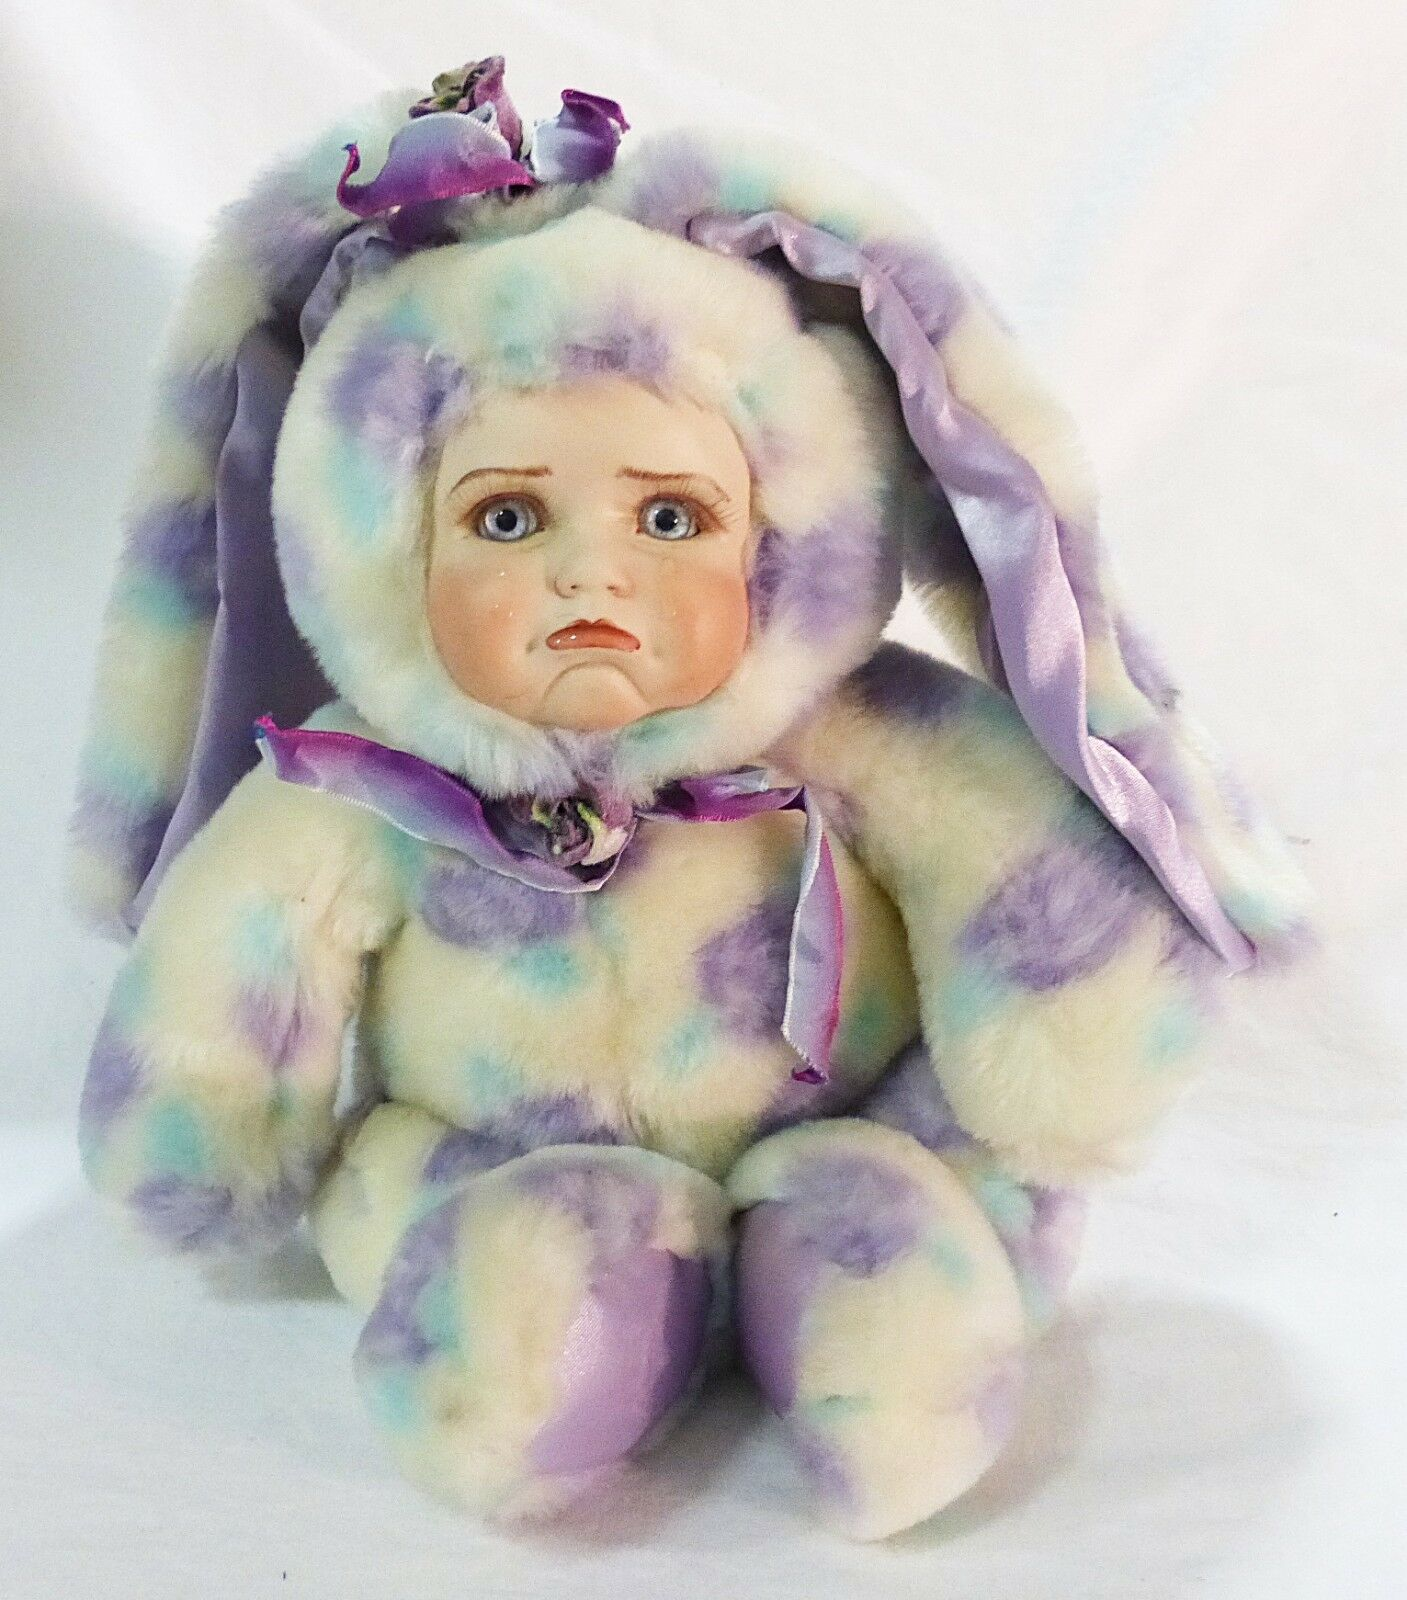 Porcelana Vintage felpa Colorido Bunny niño cara por Aurora